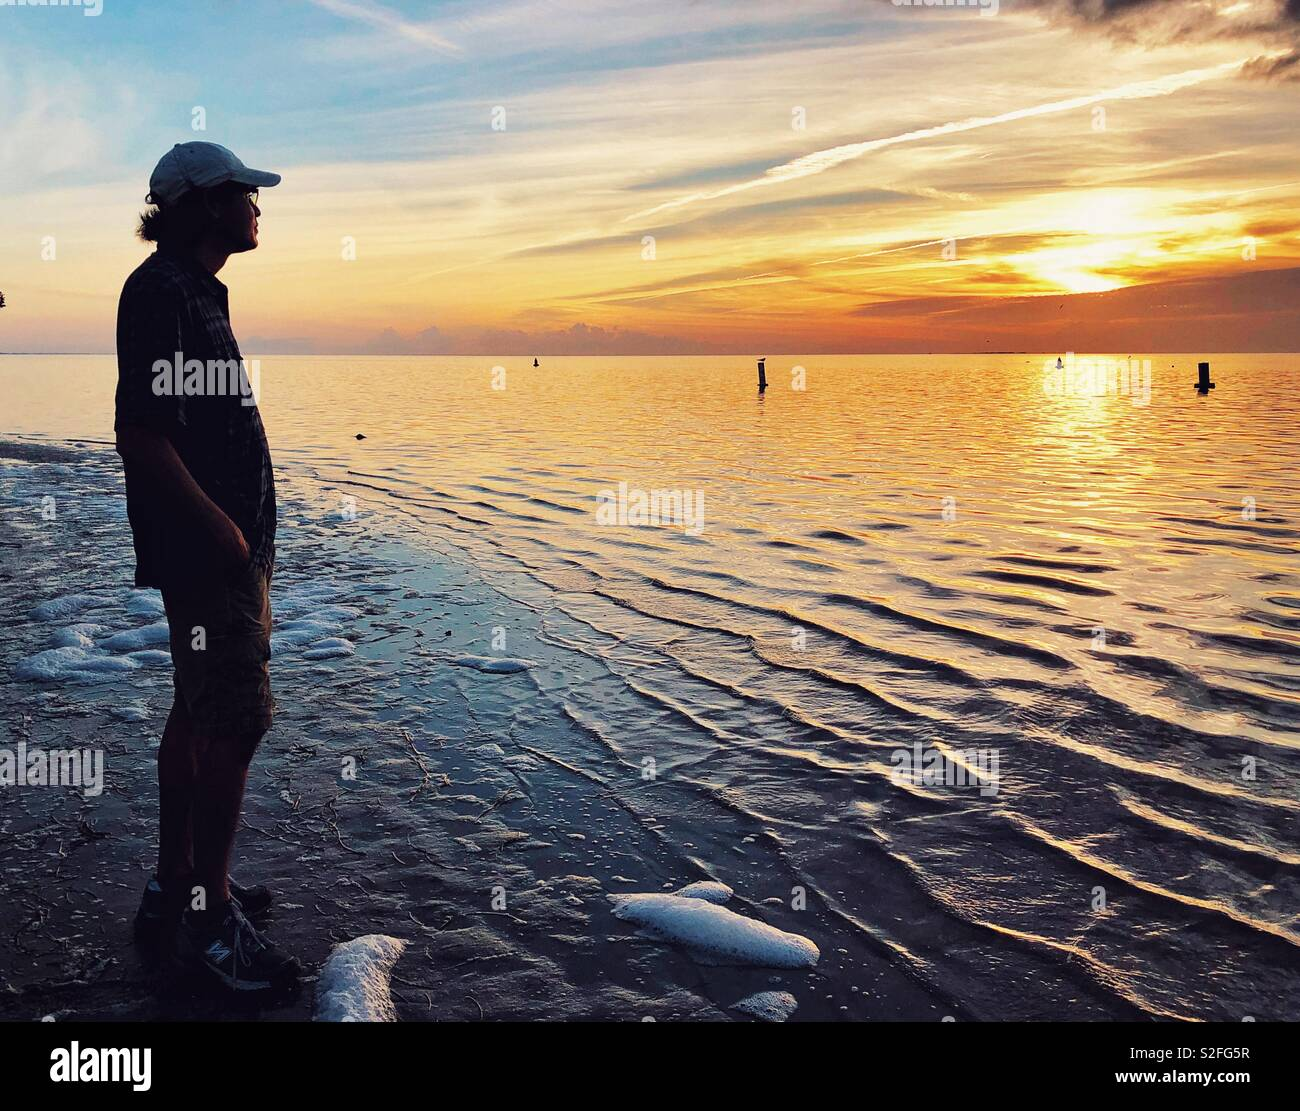 Sunset worshiper in Florida - Stock Image